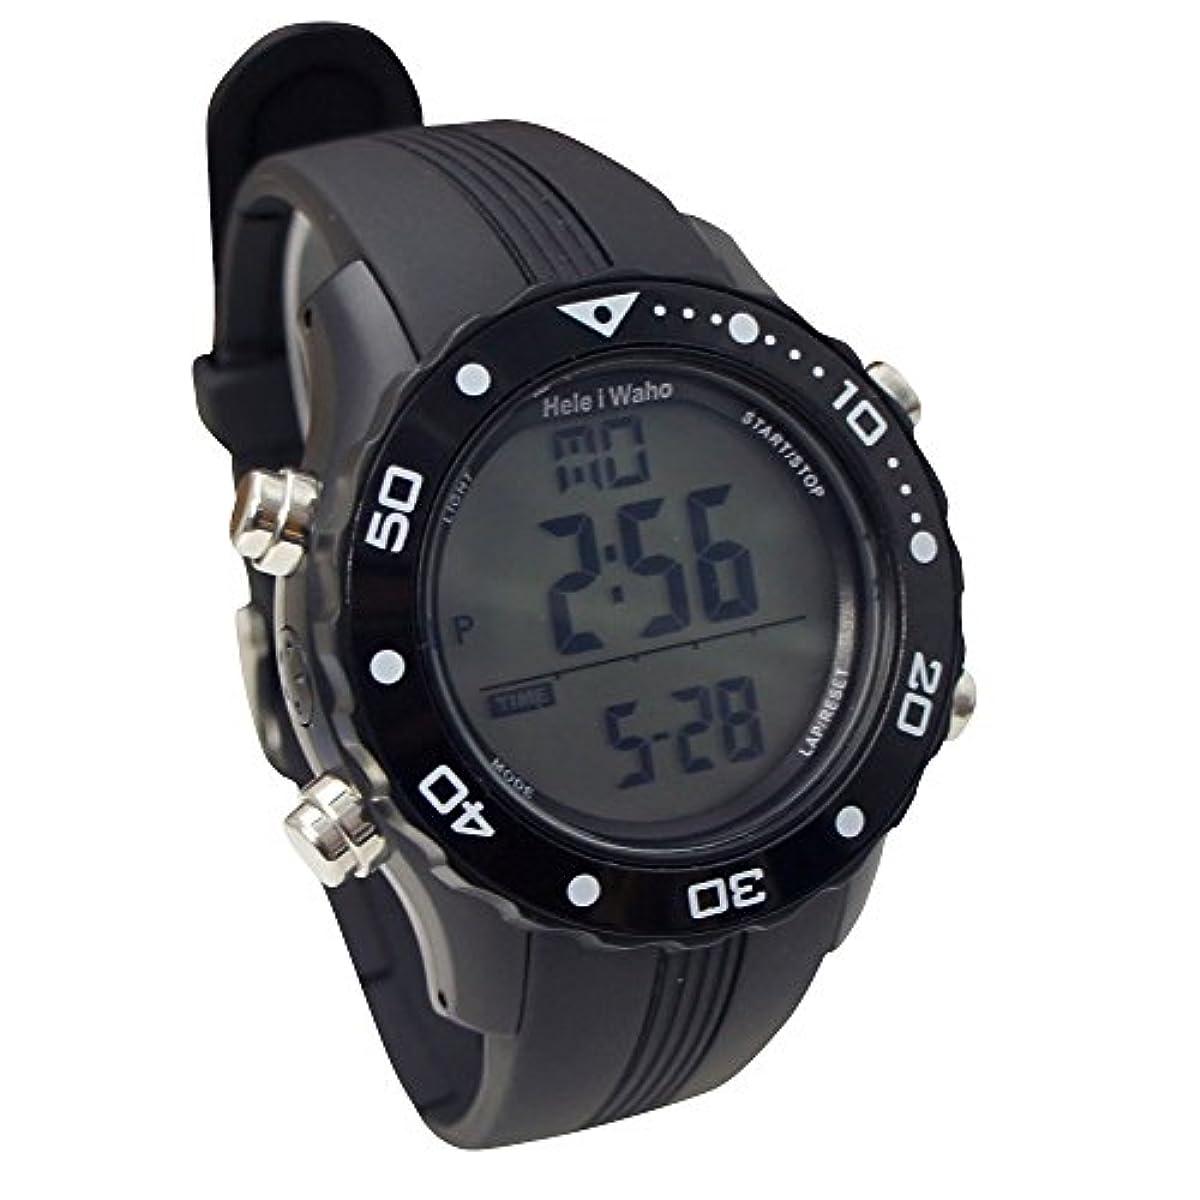 [해외] Hele i Waho 다이빙 스노클링 마스터 시계